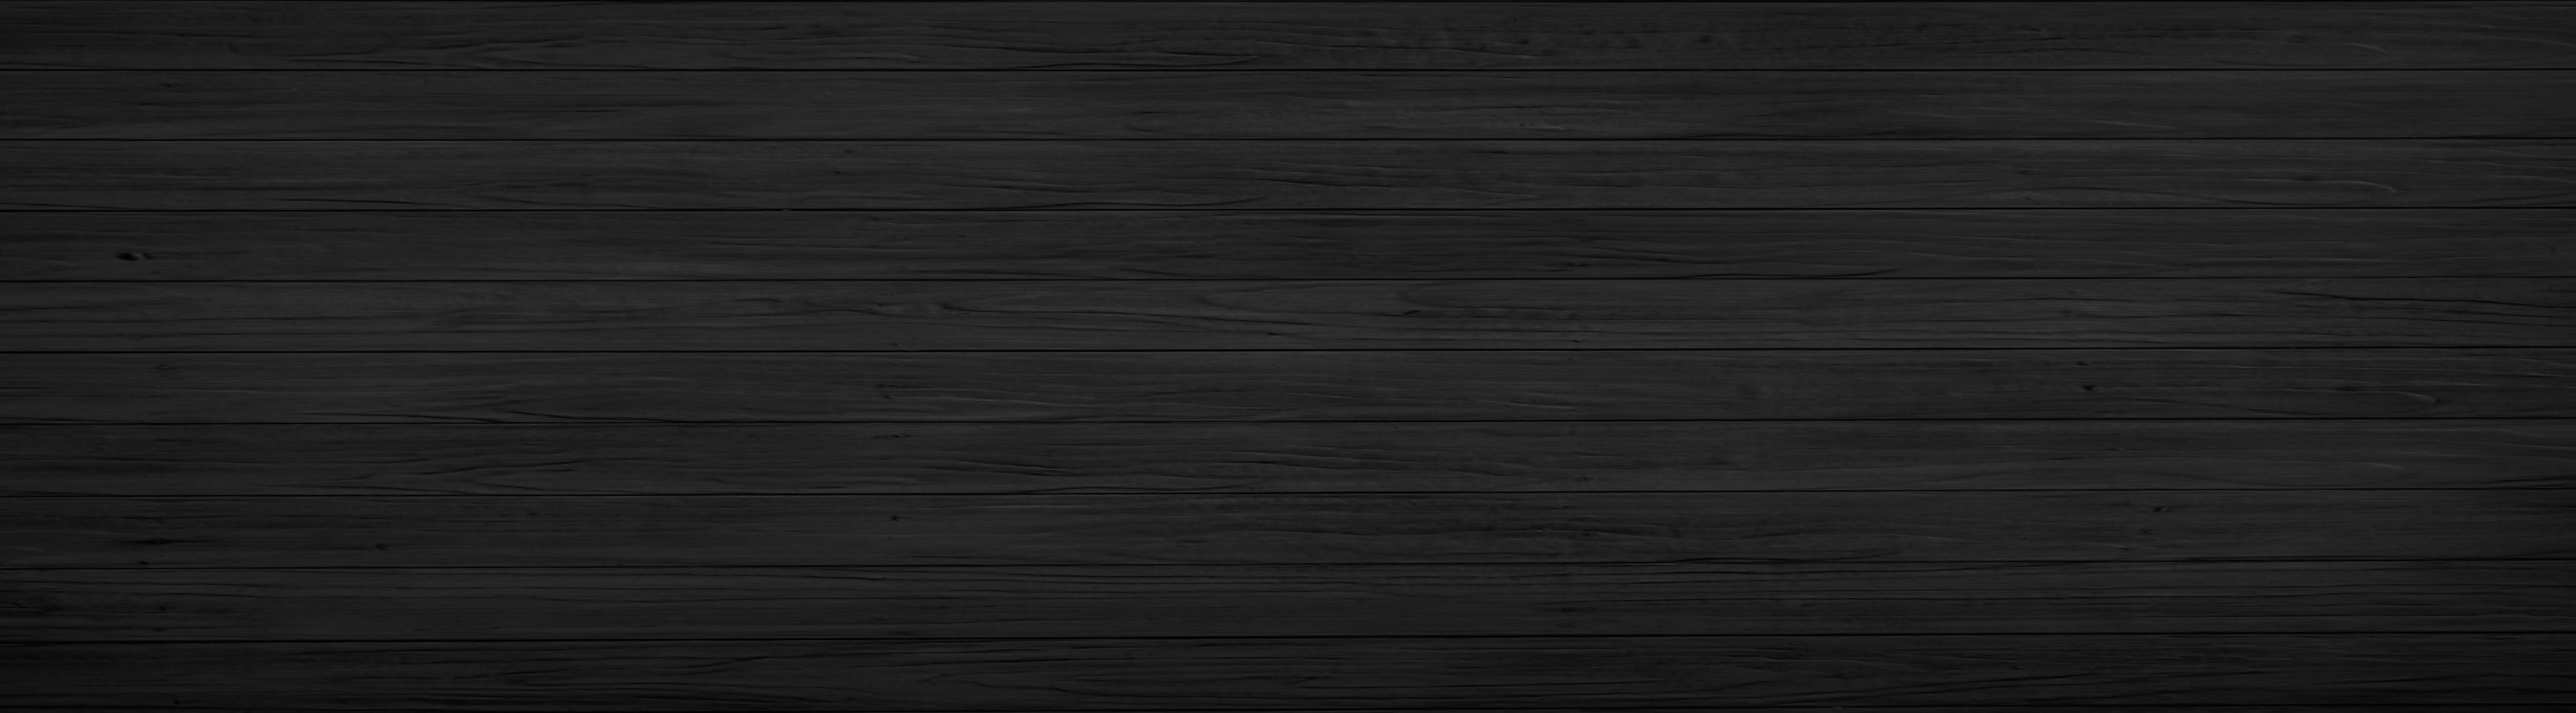 Wide boards